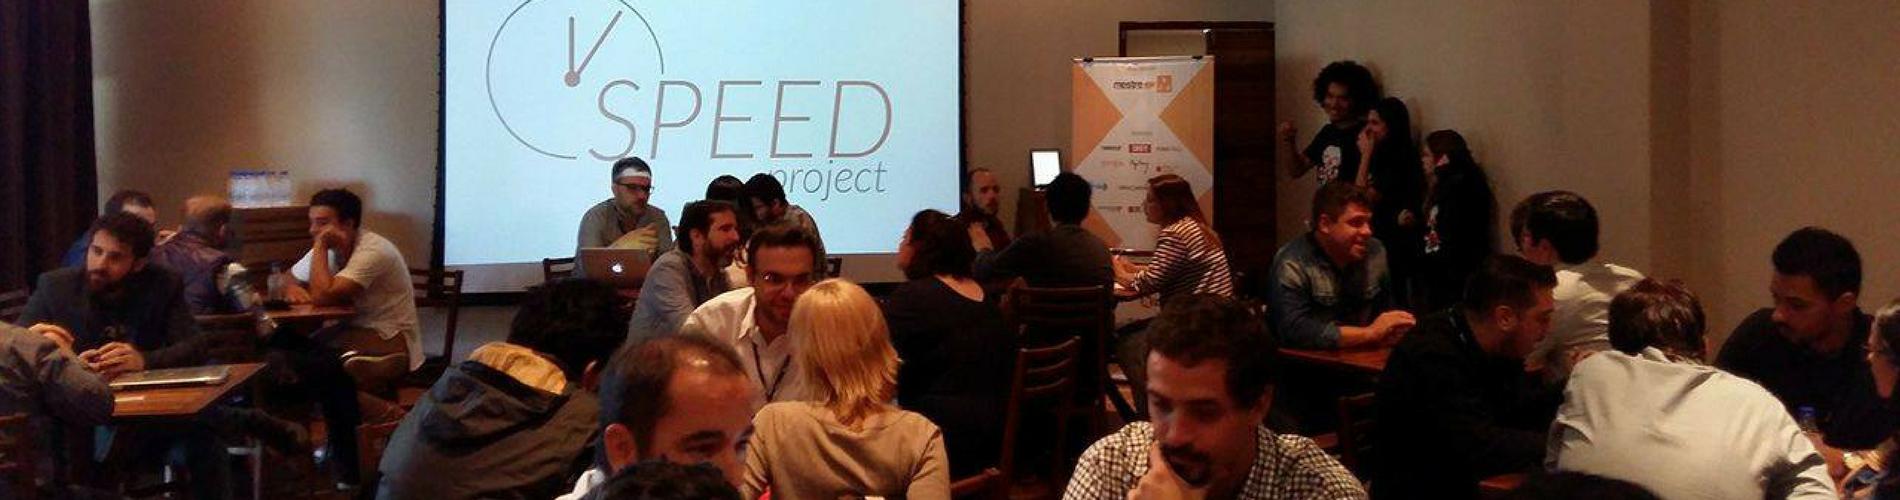 speed-project-instituto-mestre-gp-reuniu-empresas-e-agencias-para-um-encontro-de-negocios